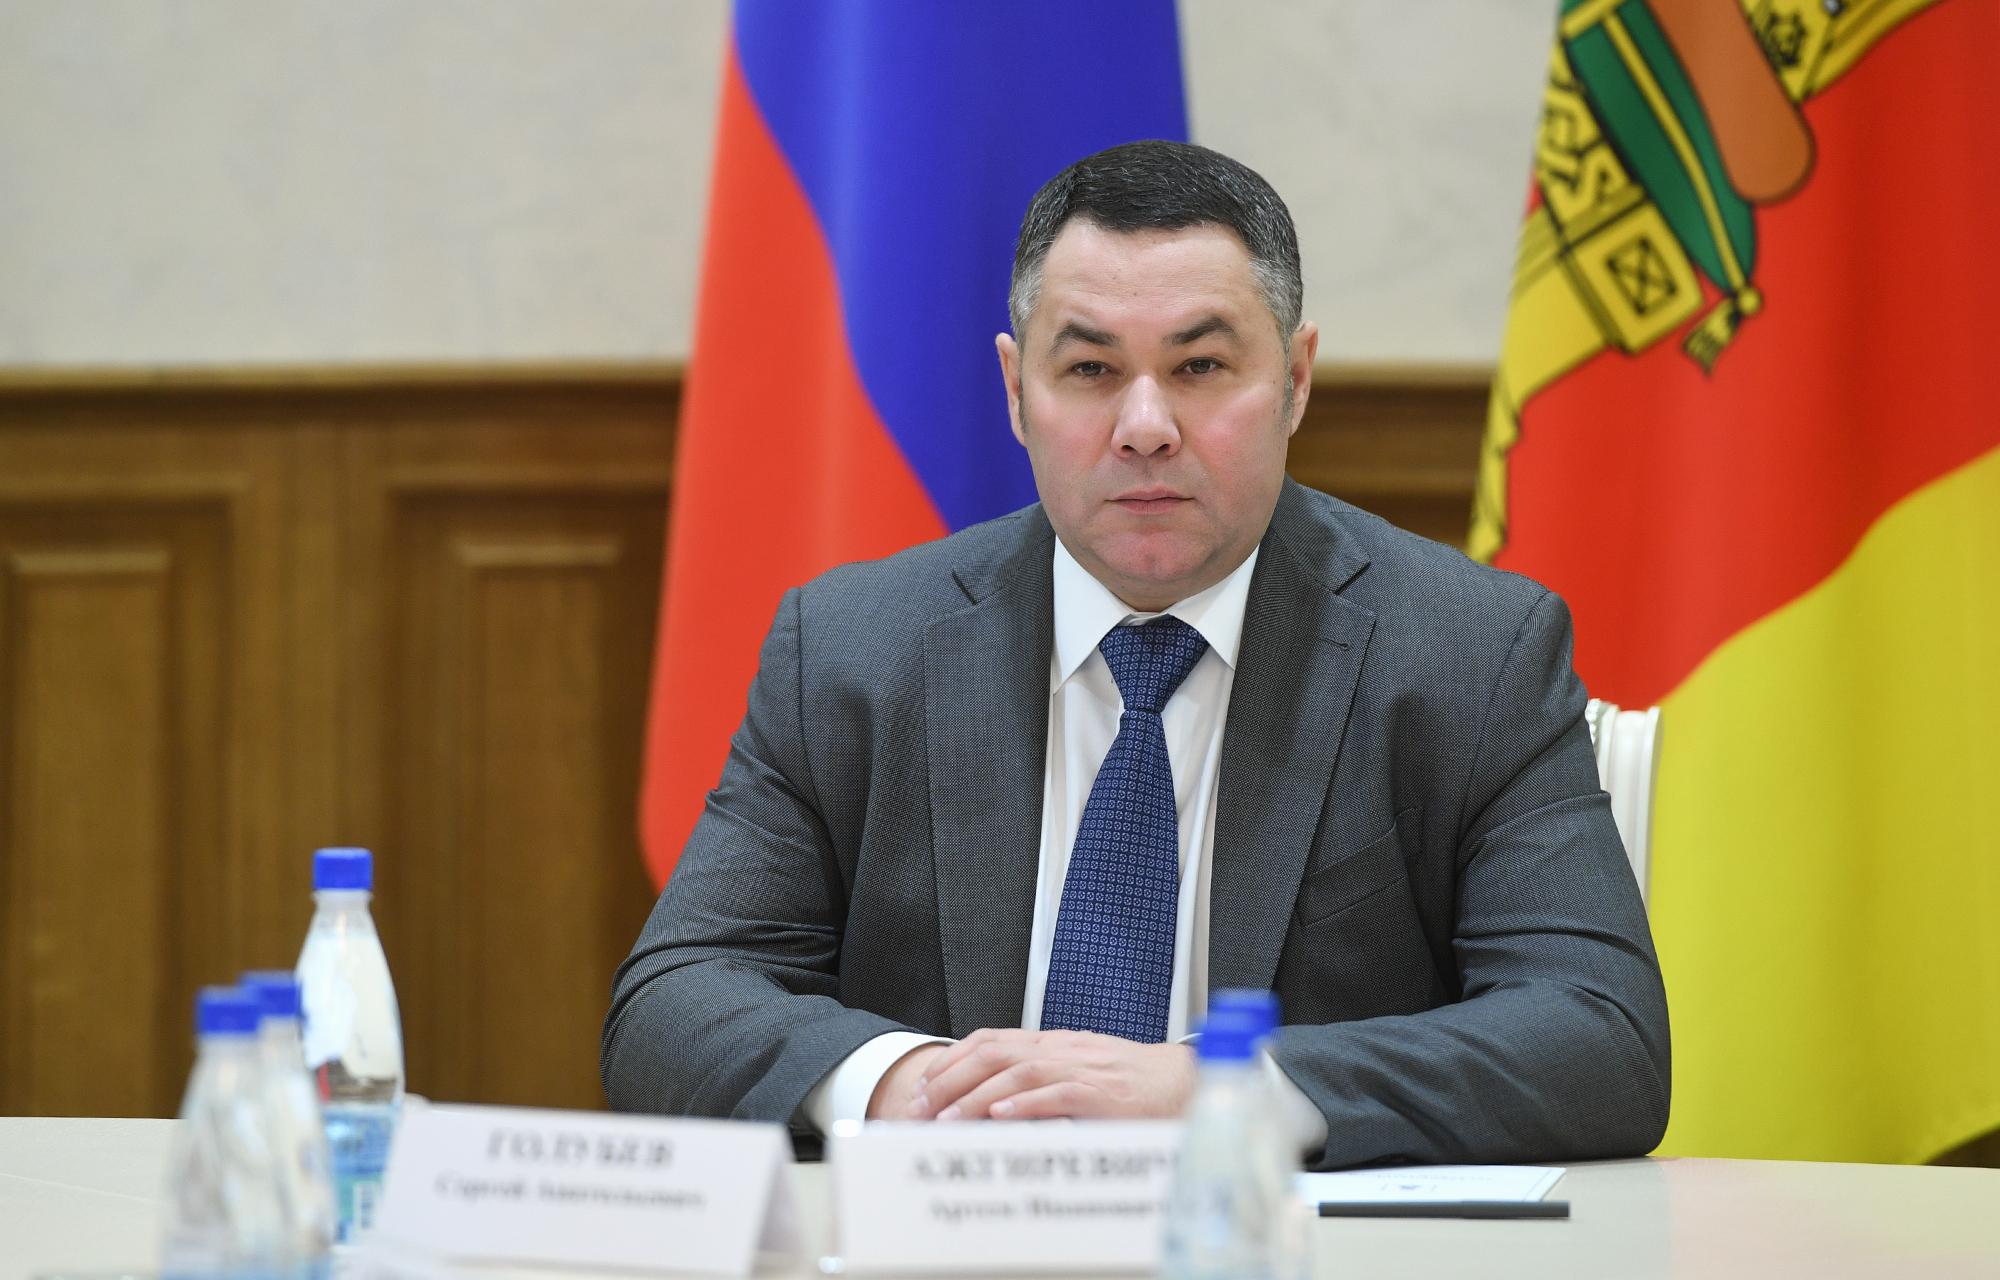 В Тверской области в 2021 году при поддержке регионального бюджета планируется реализовать 30 социальных проектов